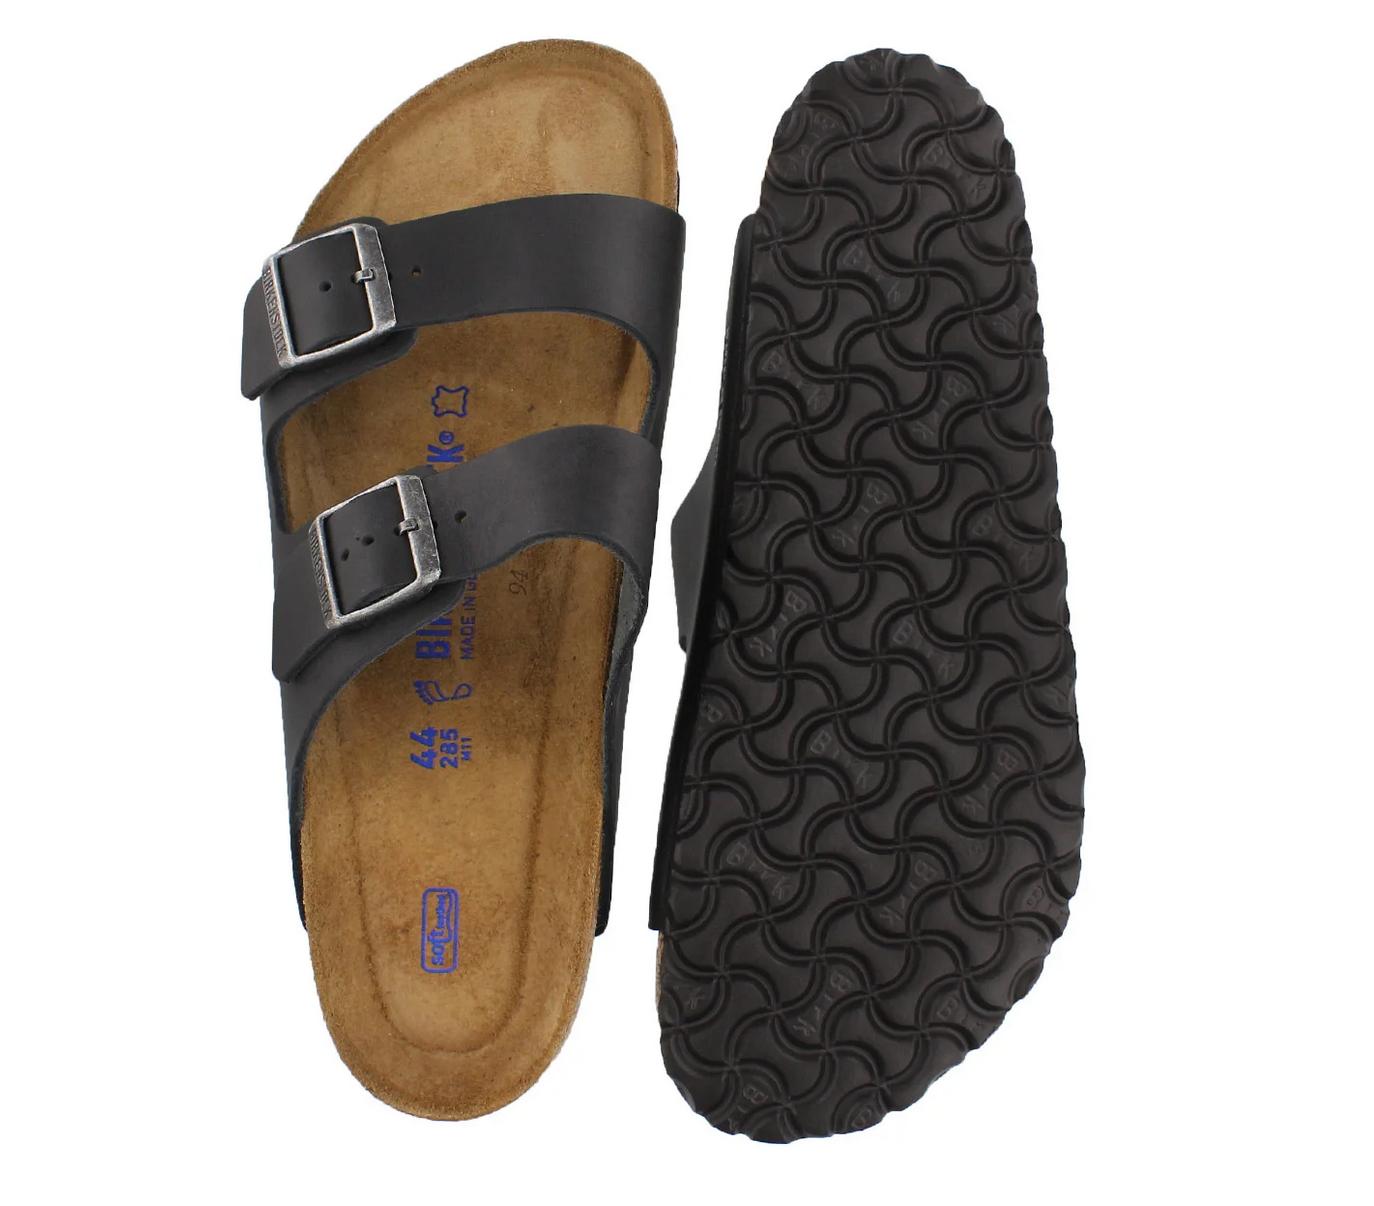 Arizona Soft Footbed Natural Black-2